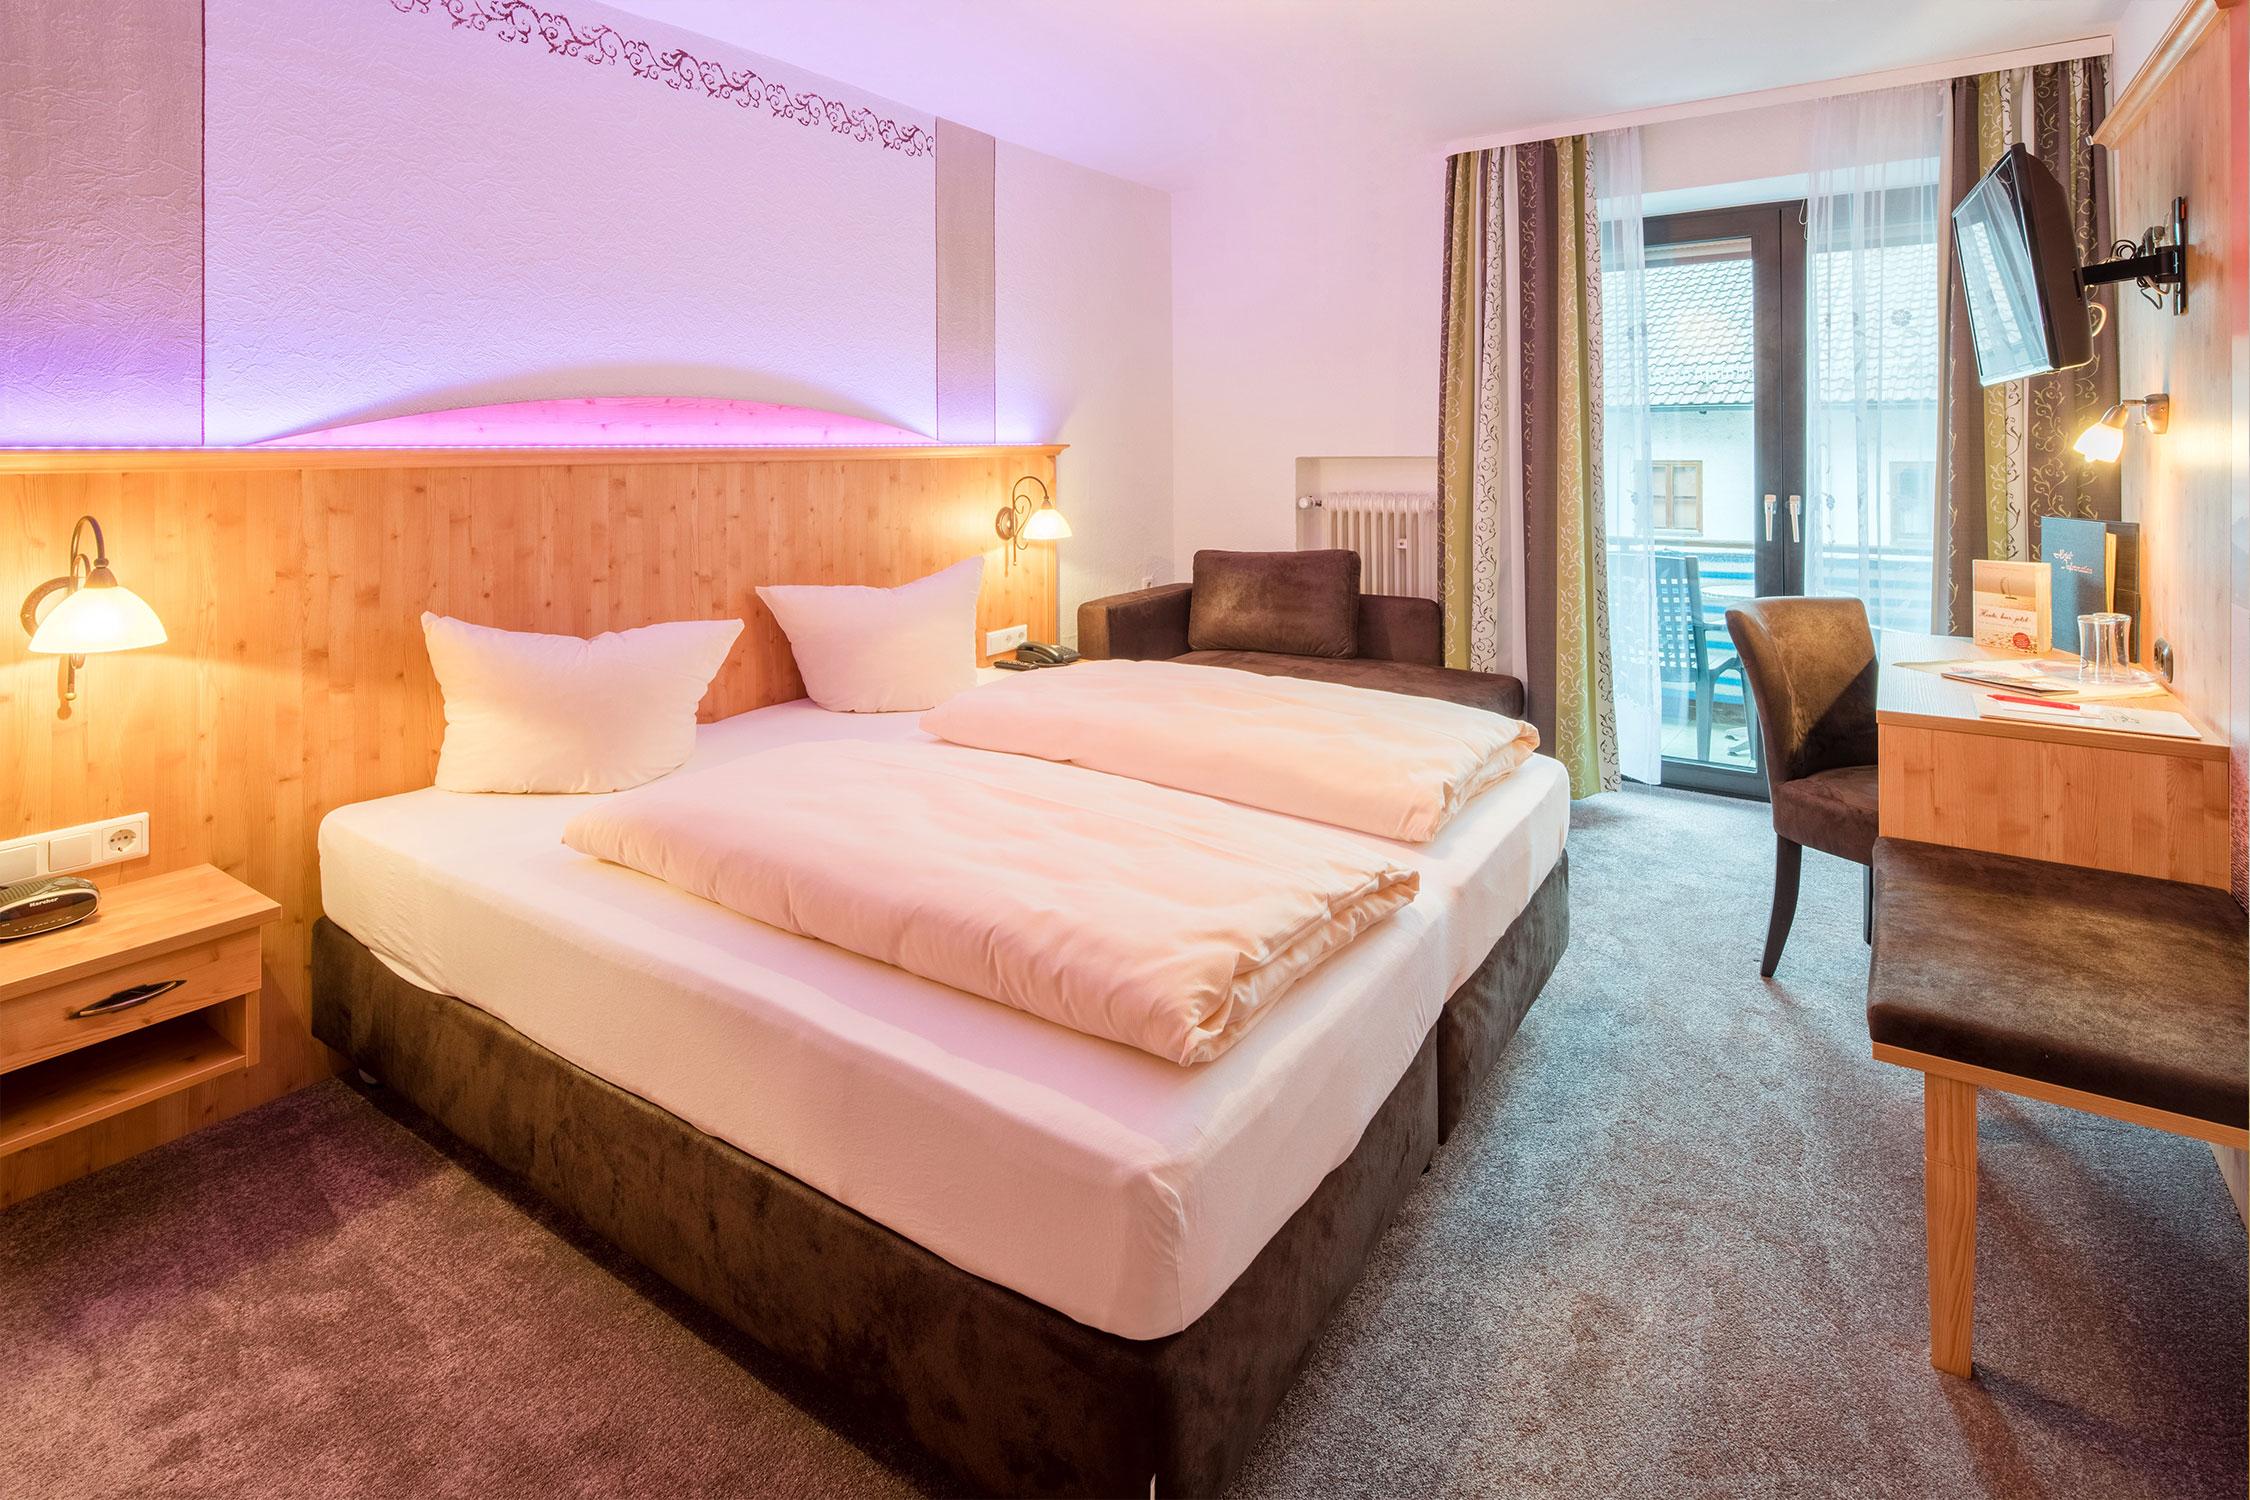 Doppelzimmer Beispiel - Hotel Gasthof zum Schildbauer - Chiemsee